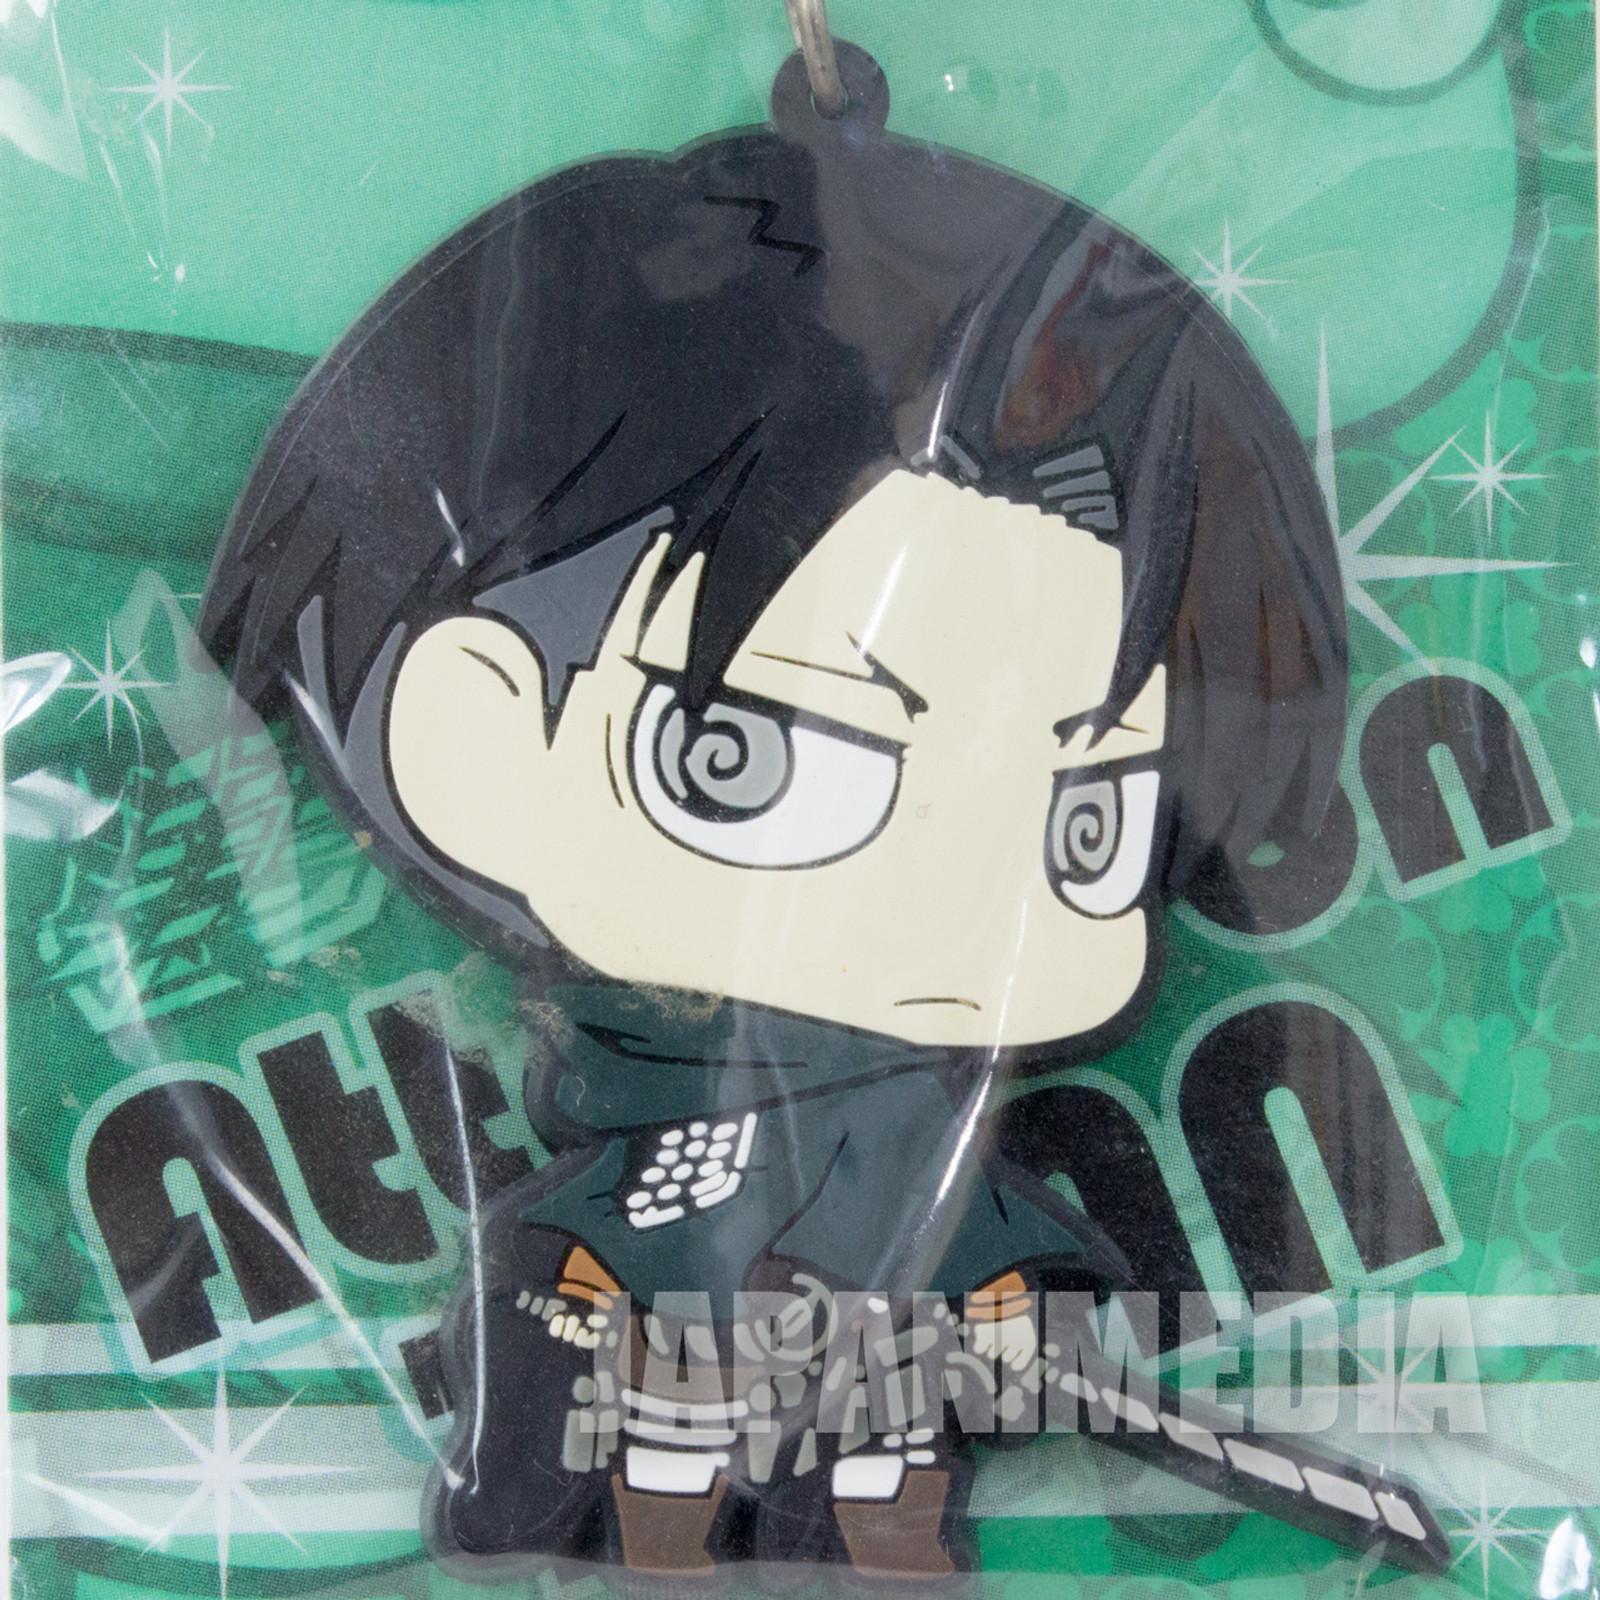 Attack on Titan Levi Ackerman Mascot Rubber Strap JAPAN ANIME MANGA